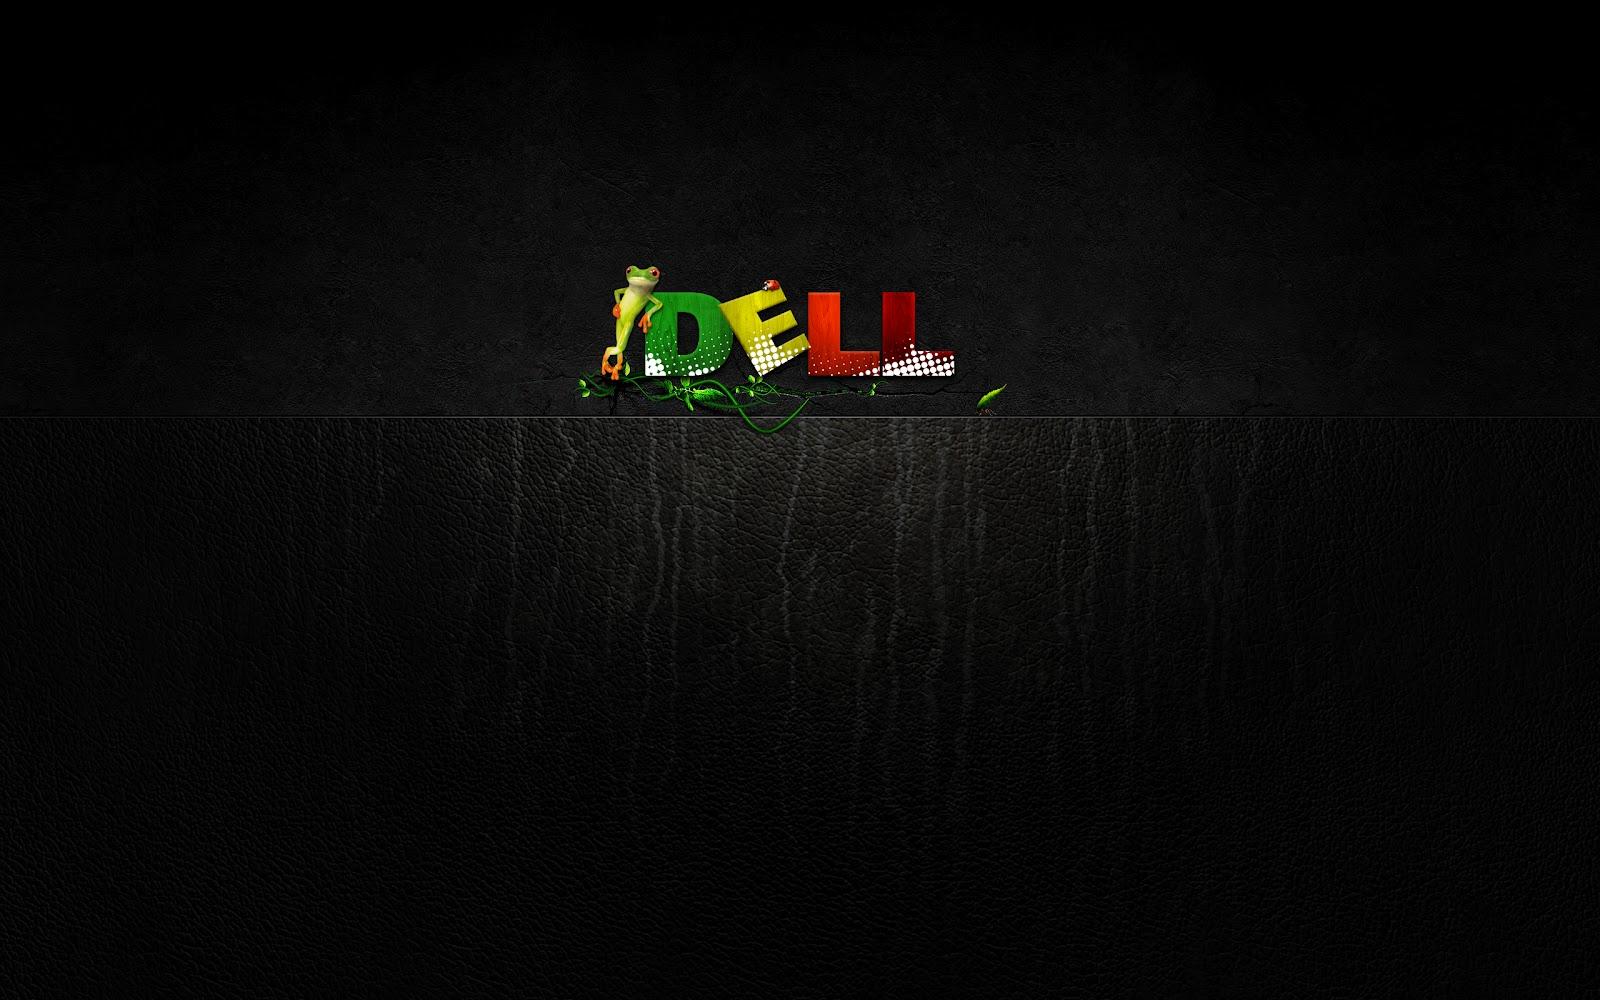 http://4.bp.blogspot.com/-kOfswp1nhtg/T4hD0btIqCI/AAAAAAAACuk/EmvV_ZuzJNE/s1600/10-dell-wallpaper.jpg